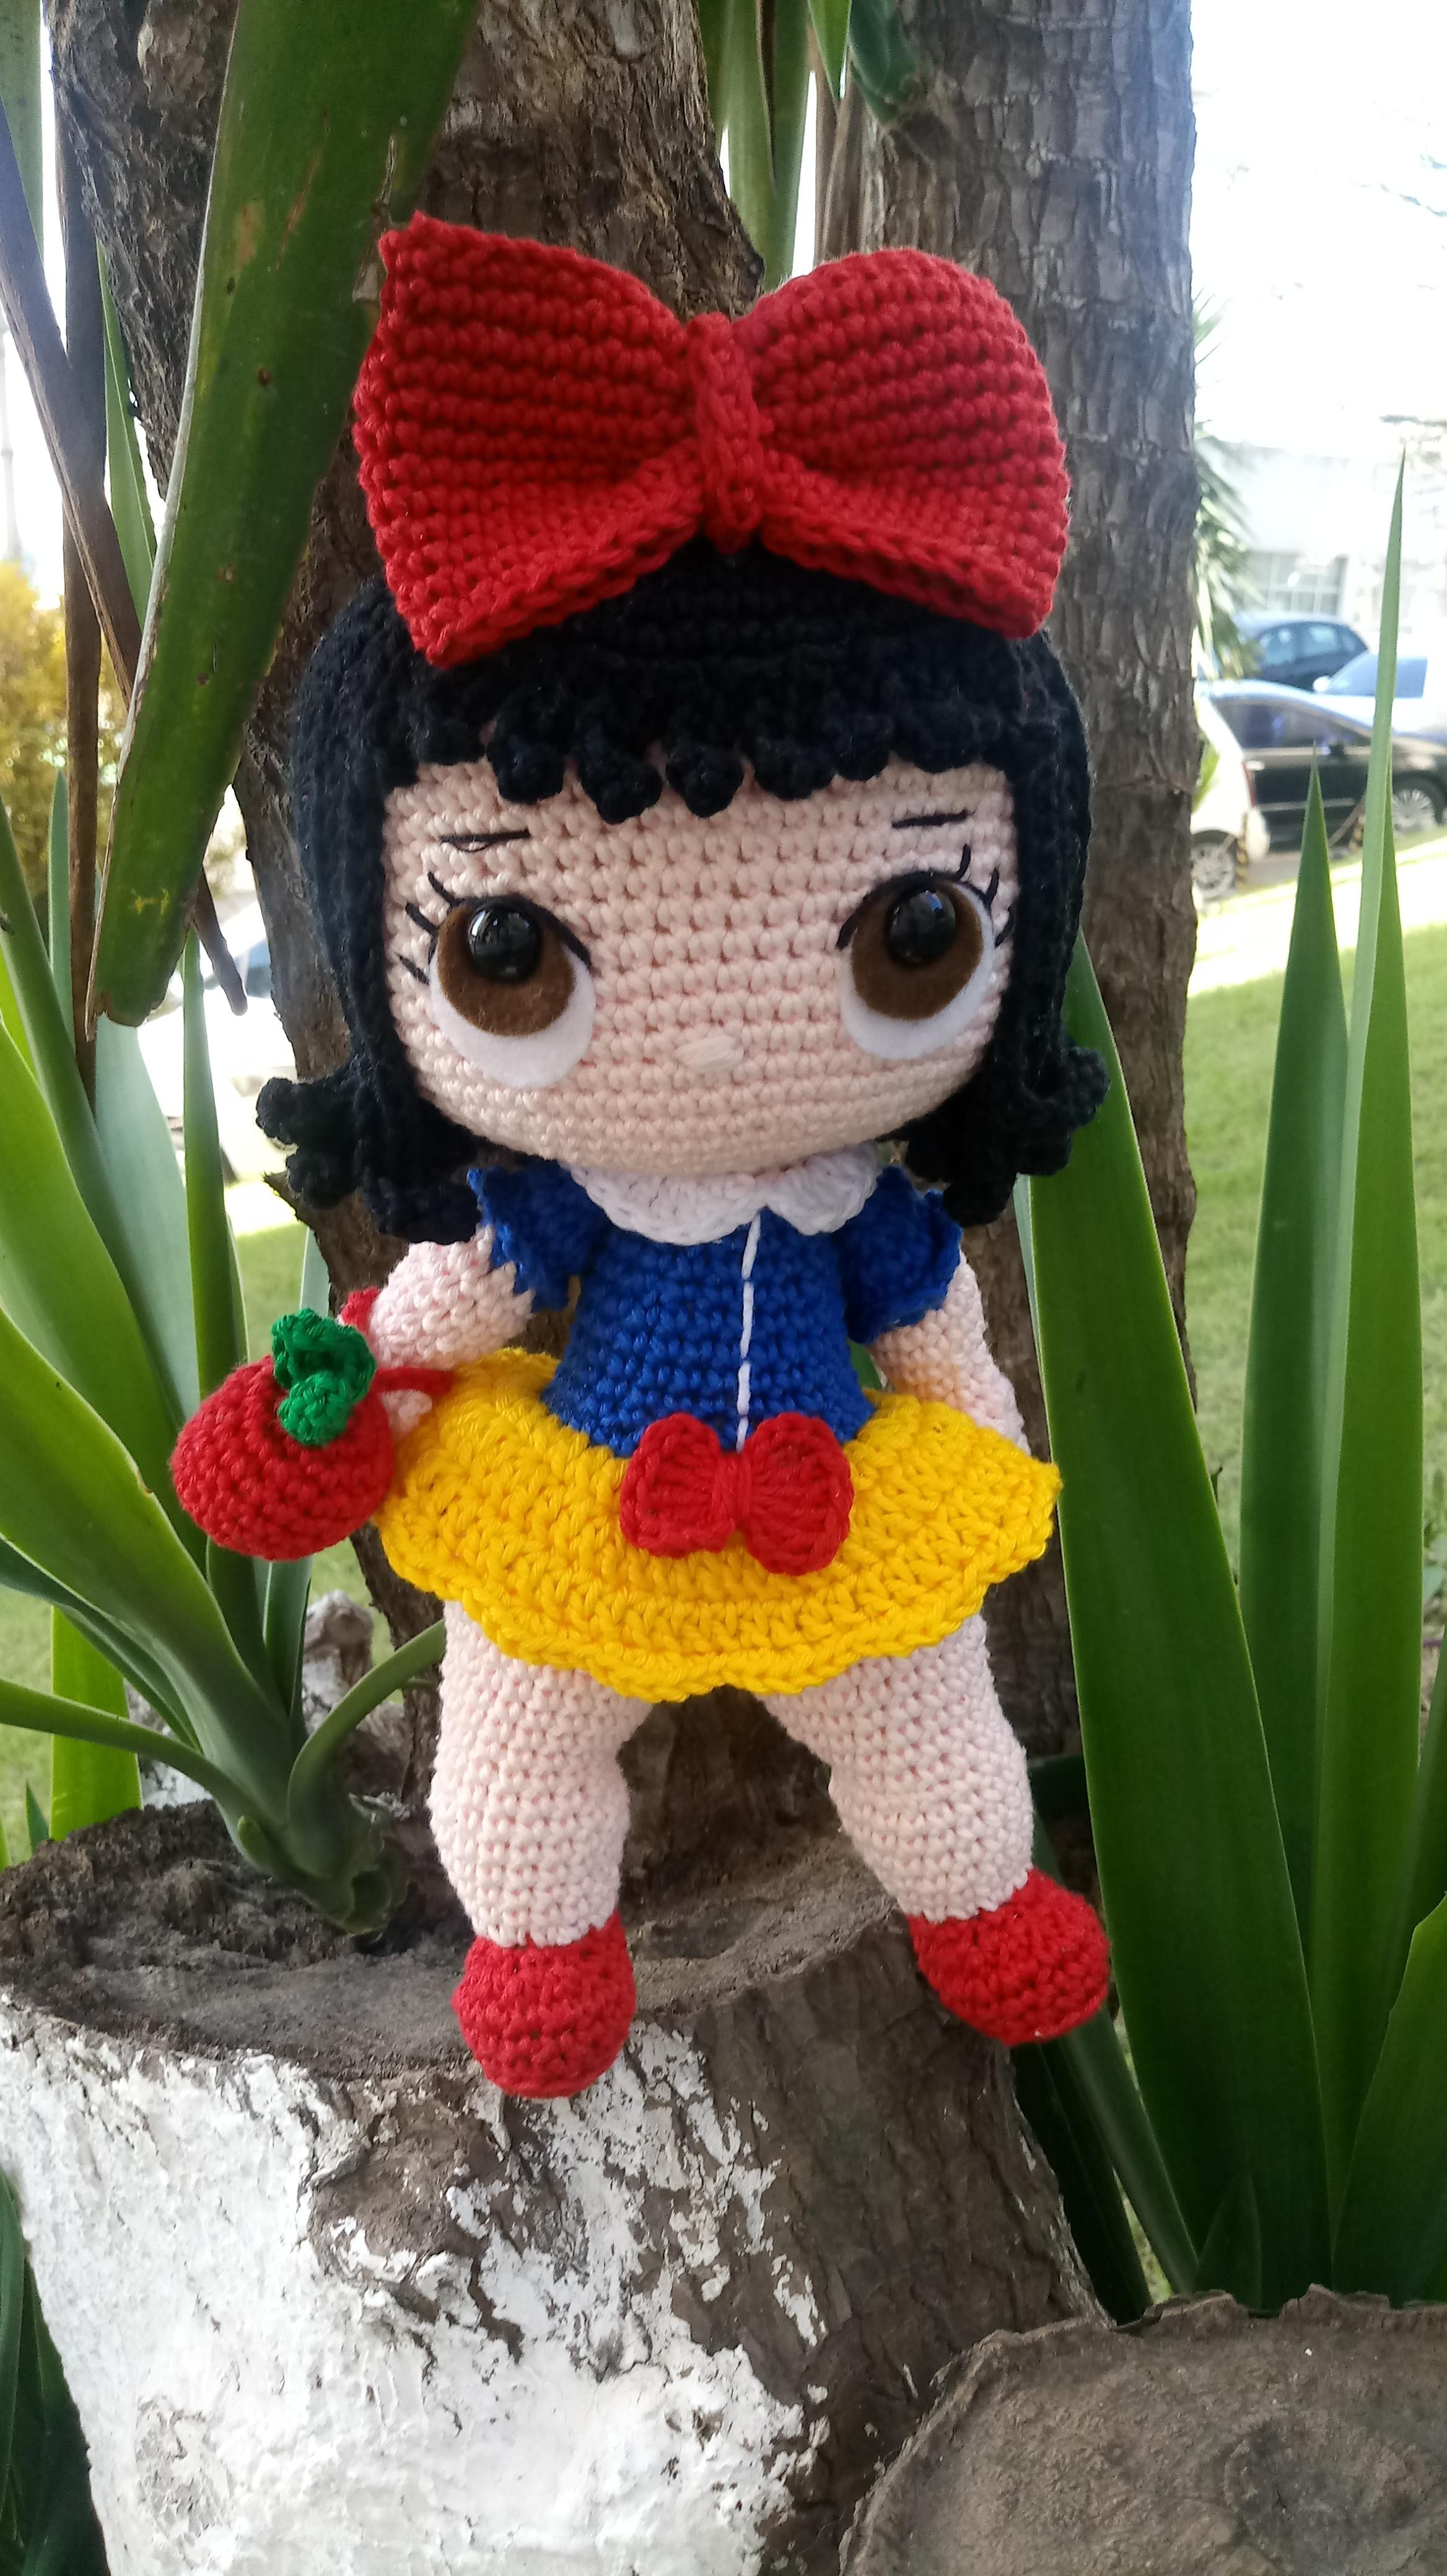 Pin de Cecilia Ma em Muñecas amigurumi | Bonecas de crochê, Boneca ... | 4160x2336